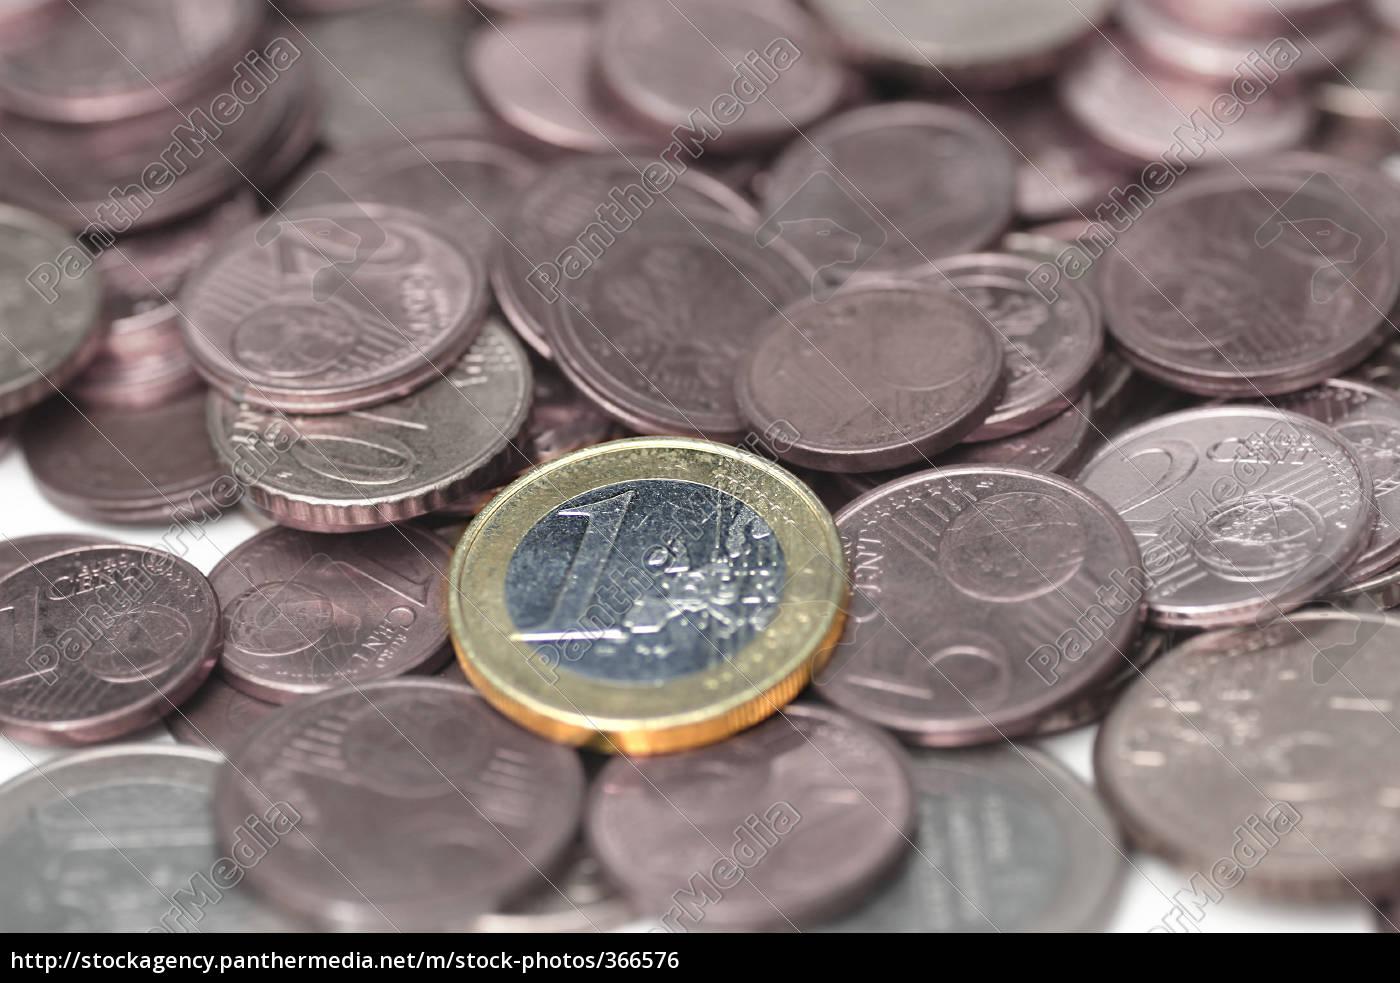 coins - 366576